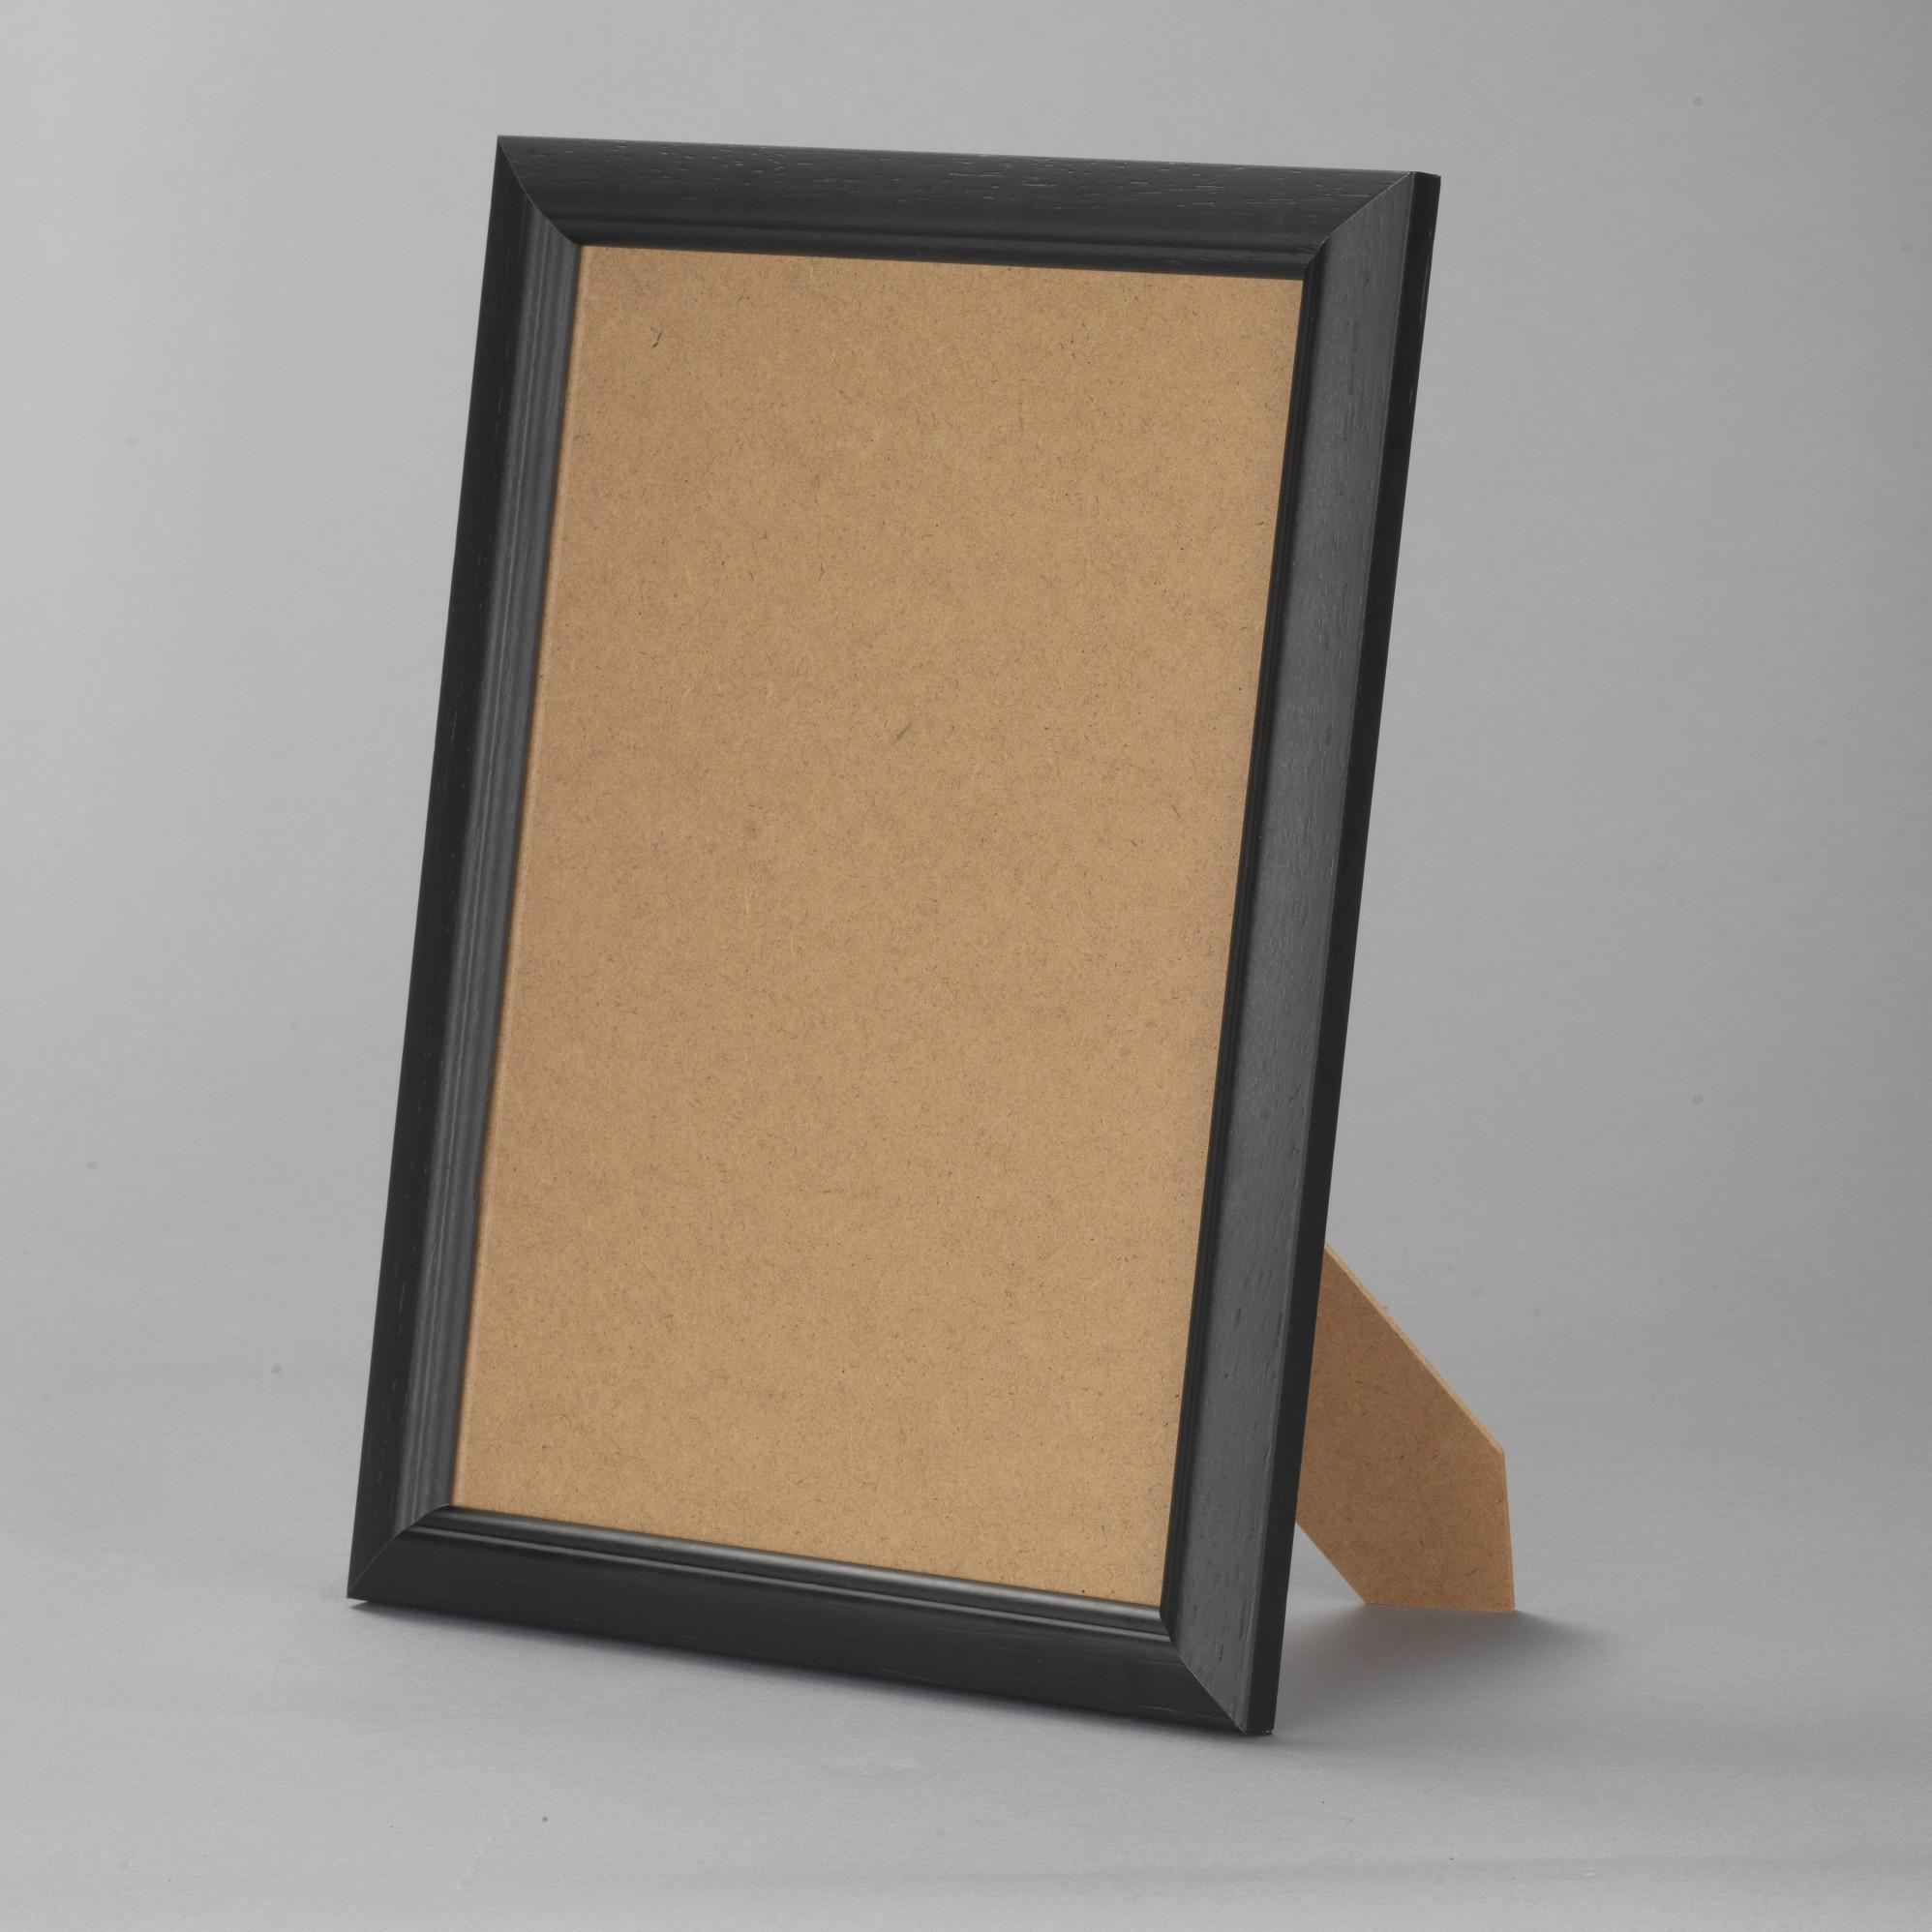 cadre bois noir 13x18 pas cher cadre photo bois noir 13x18 destock cadre. Black Bedroom Furniture Sets. Home Design Ideas